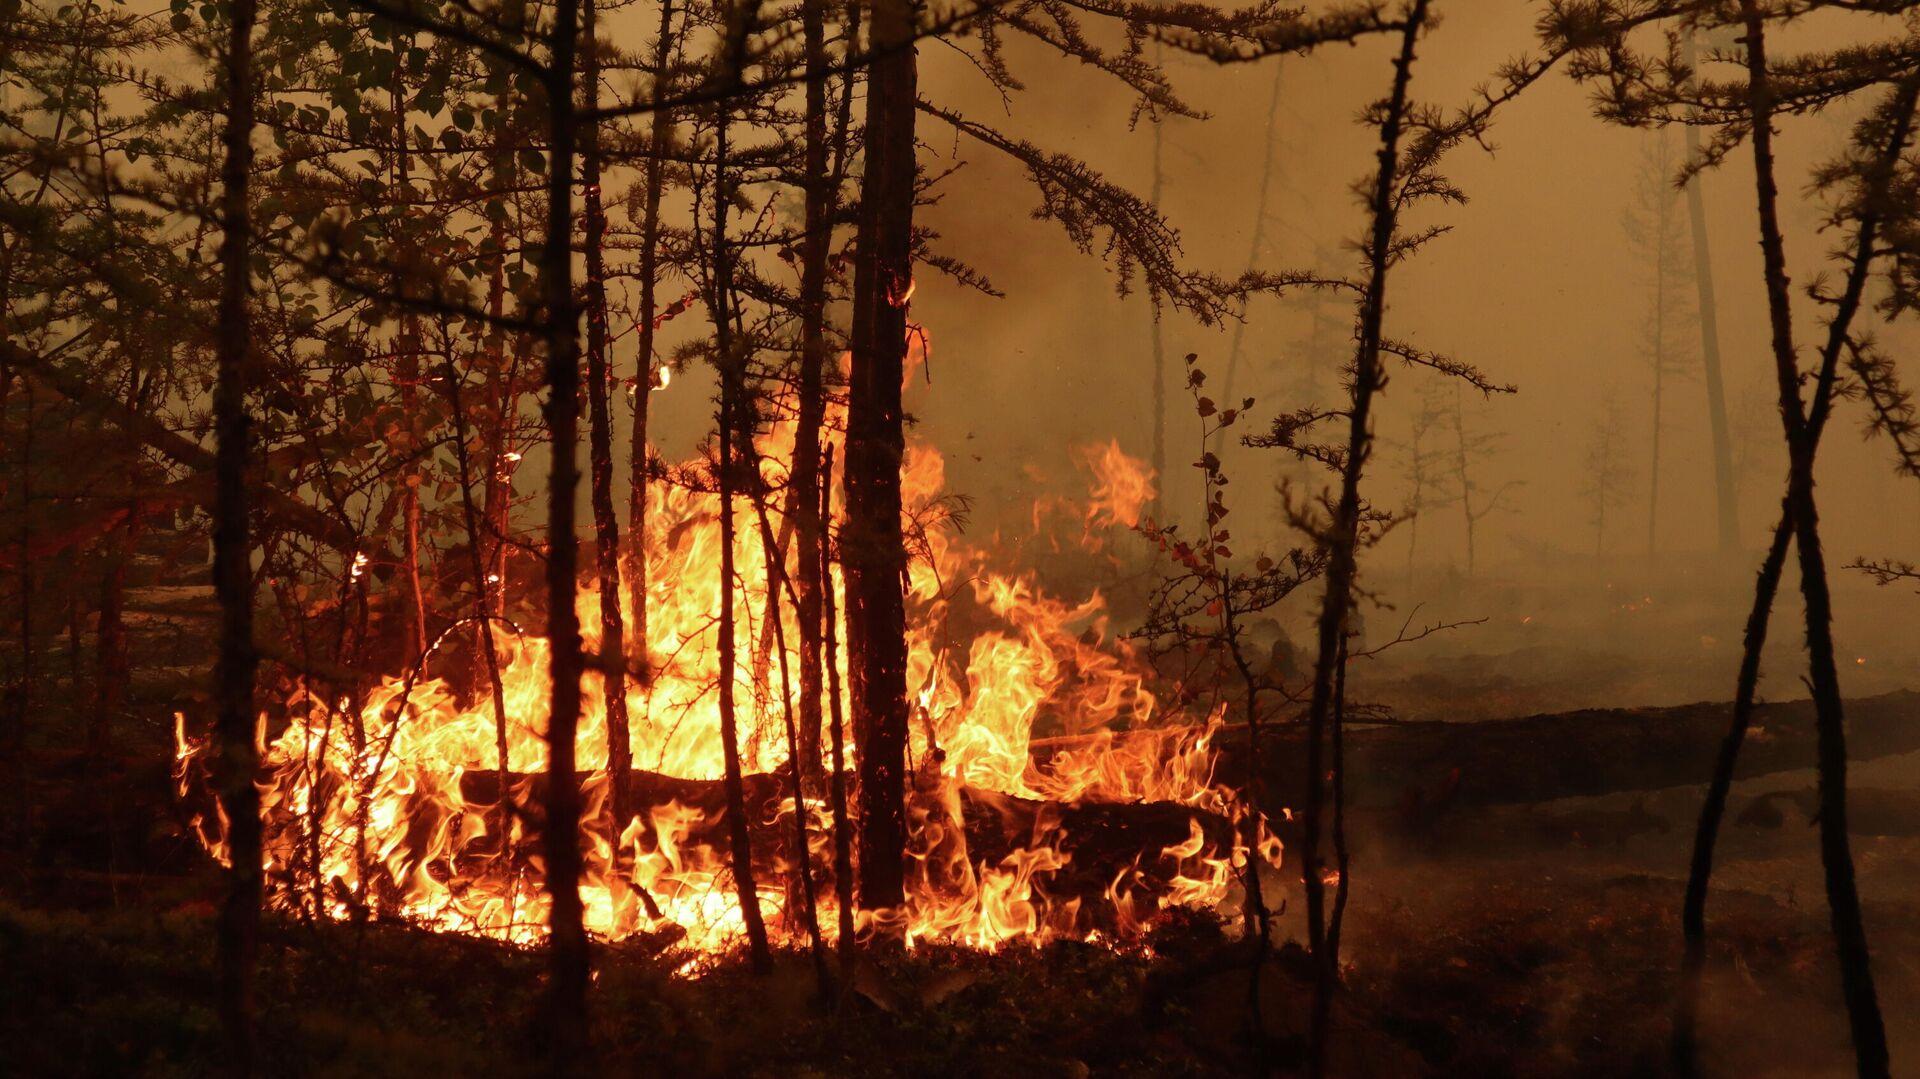 El incendio en un bosque cerca del pueblo de Magaras en la región de Yakutia, Rusia, el 17 de julio de 2021 - Sputnik Mundo, 1920, 02.08.2021